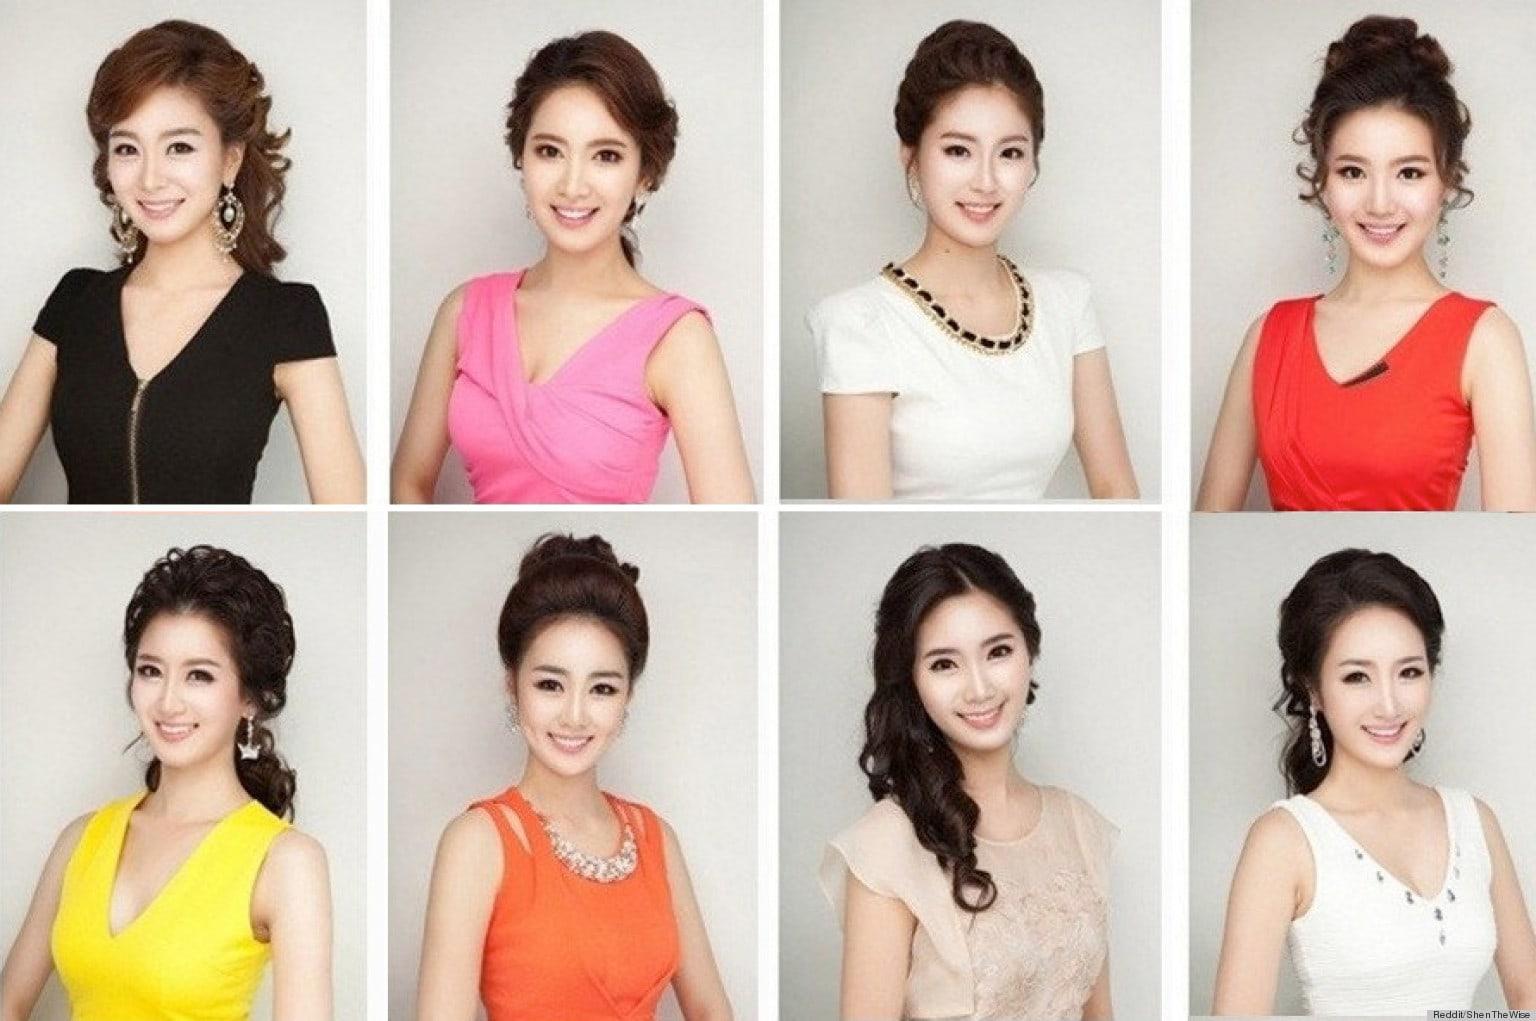 Las asiáticas luchan contra el canon de belleza único